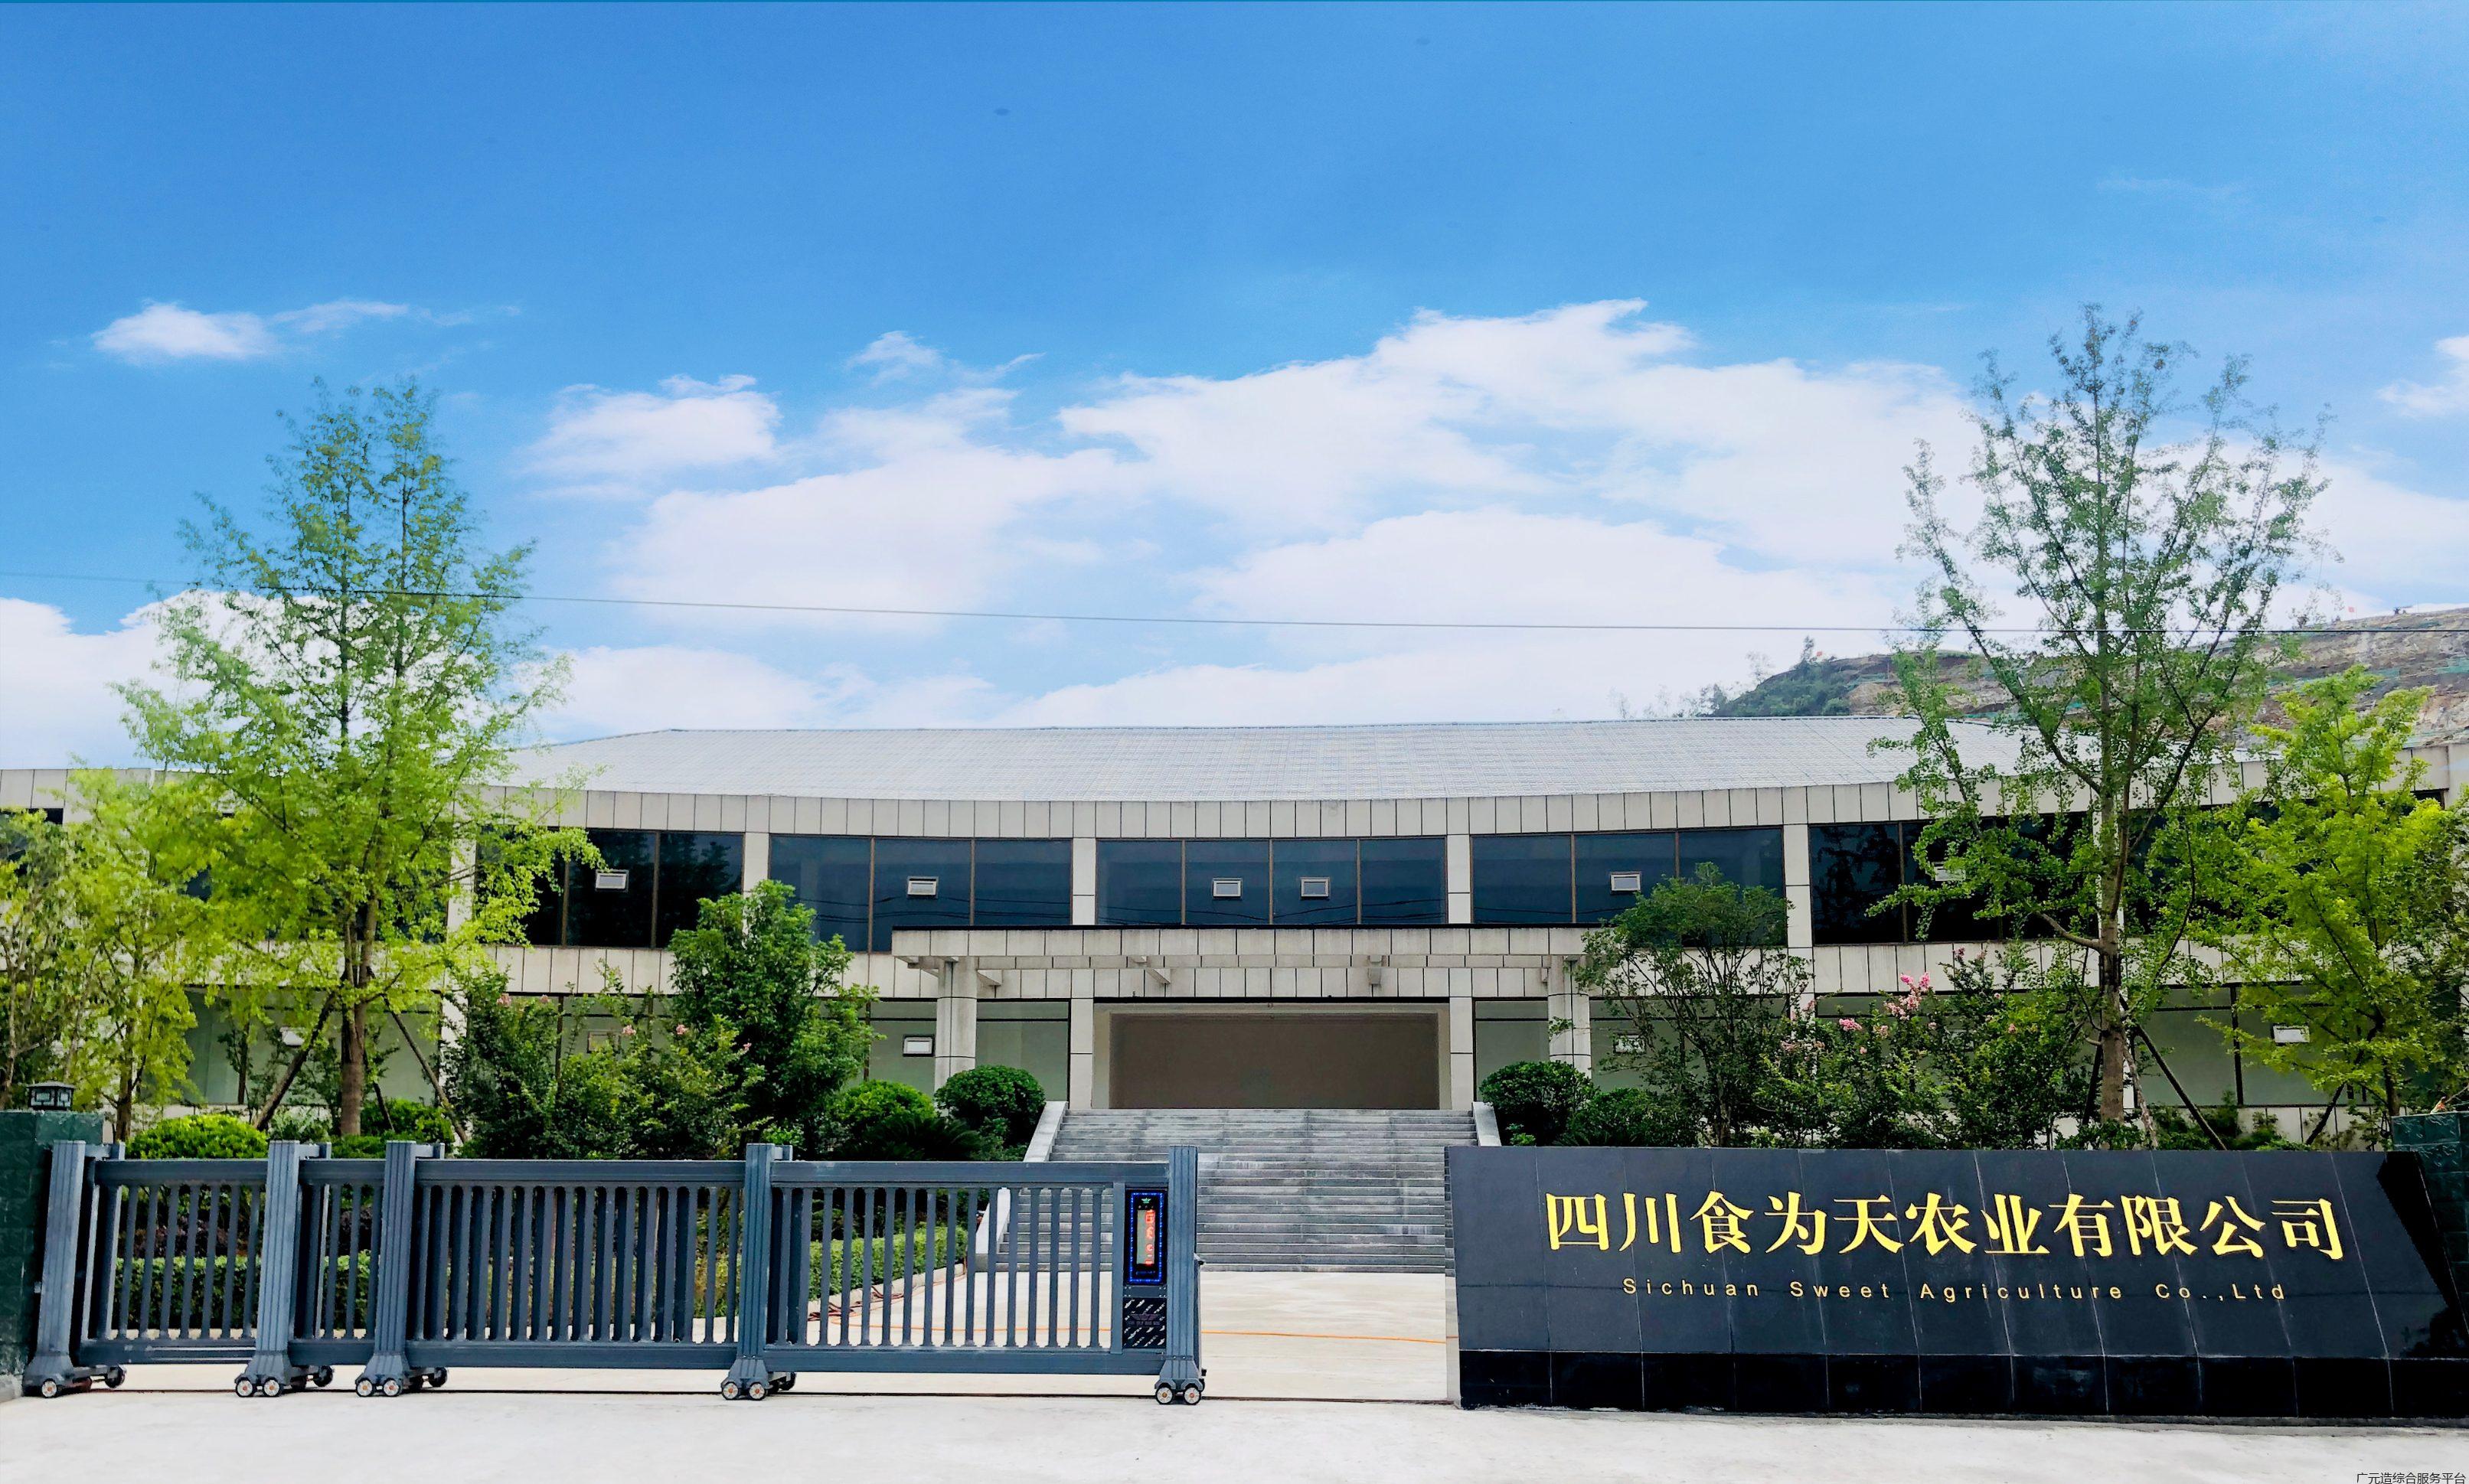 【广元造企业名录】四川食为天农业有限公司